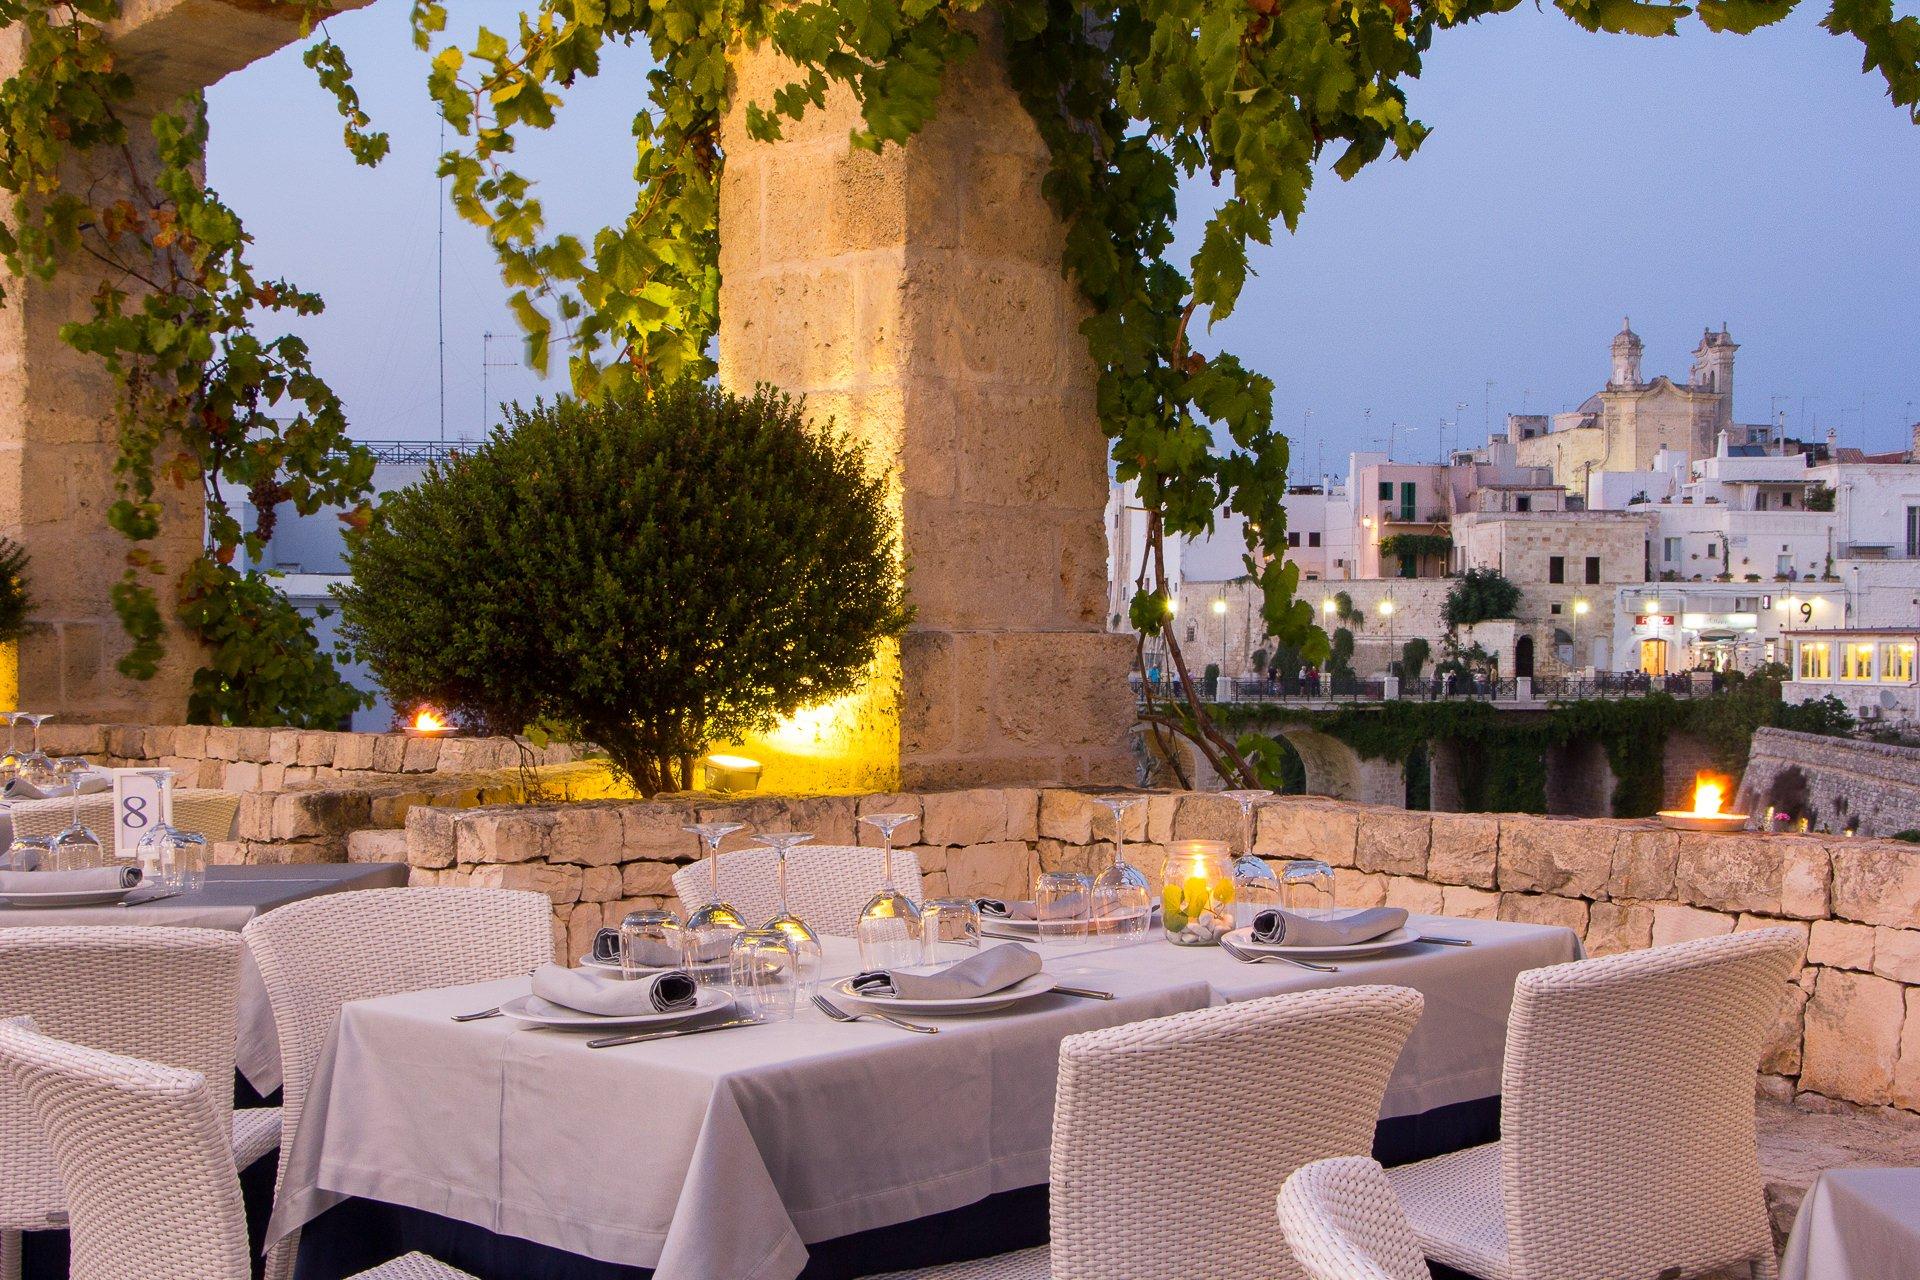 Specchia sant 39 oronzo ristorante e ricevimenti - Ristorante specchia polignano ...